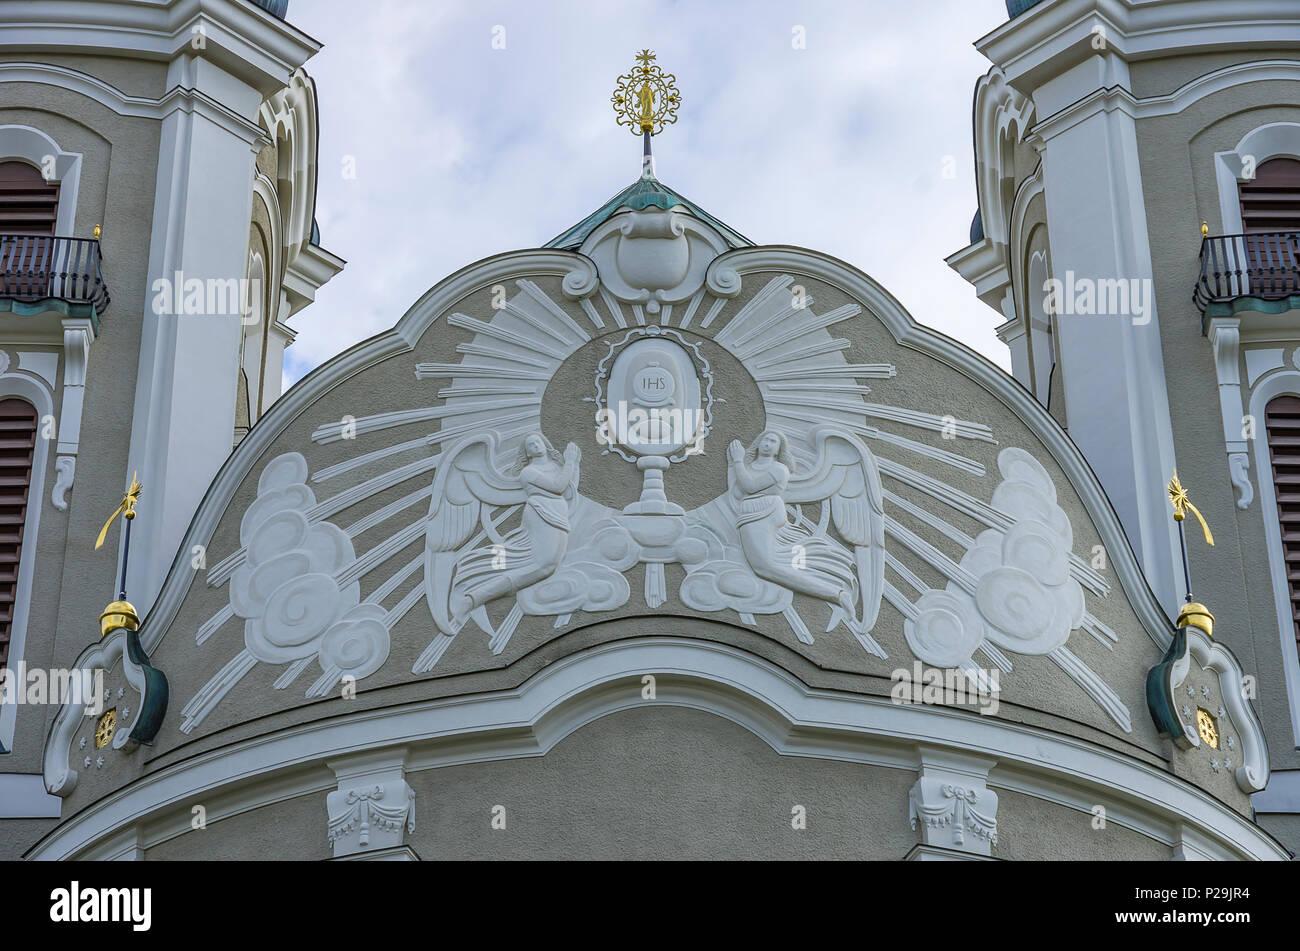 Giebel der Pfarrkirche St. Peter und Paul in Lindenberg im Allgäu, Bayern, Deutschland. Stockbild